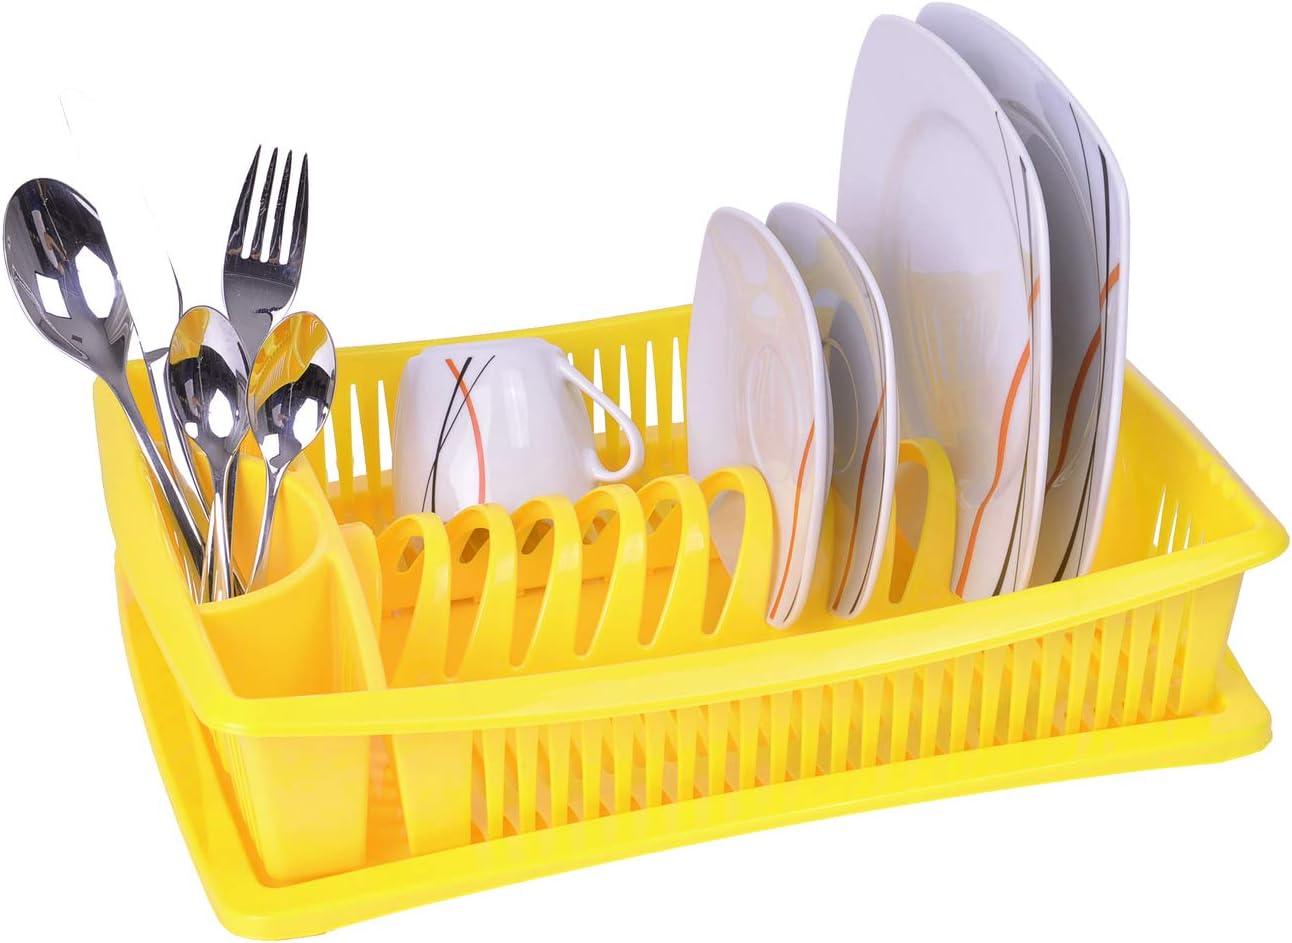 escurridor escurreplatos de rejilla bandeja de goteo platos de escurridor Escurridor de platos de escurridor